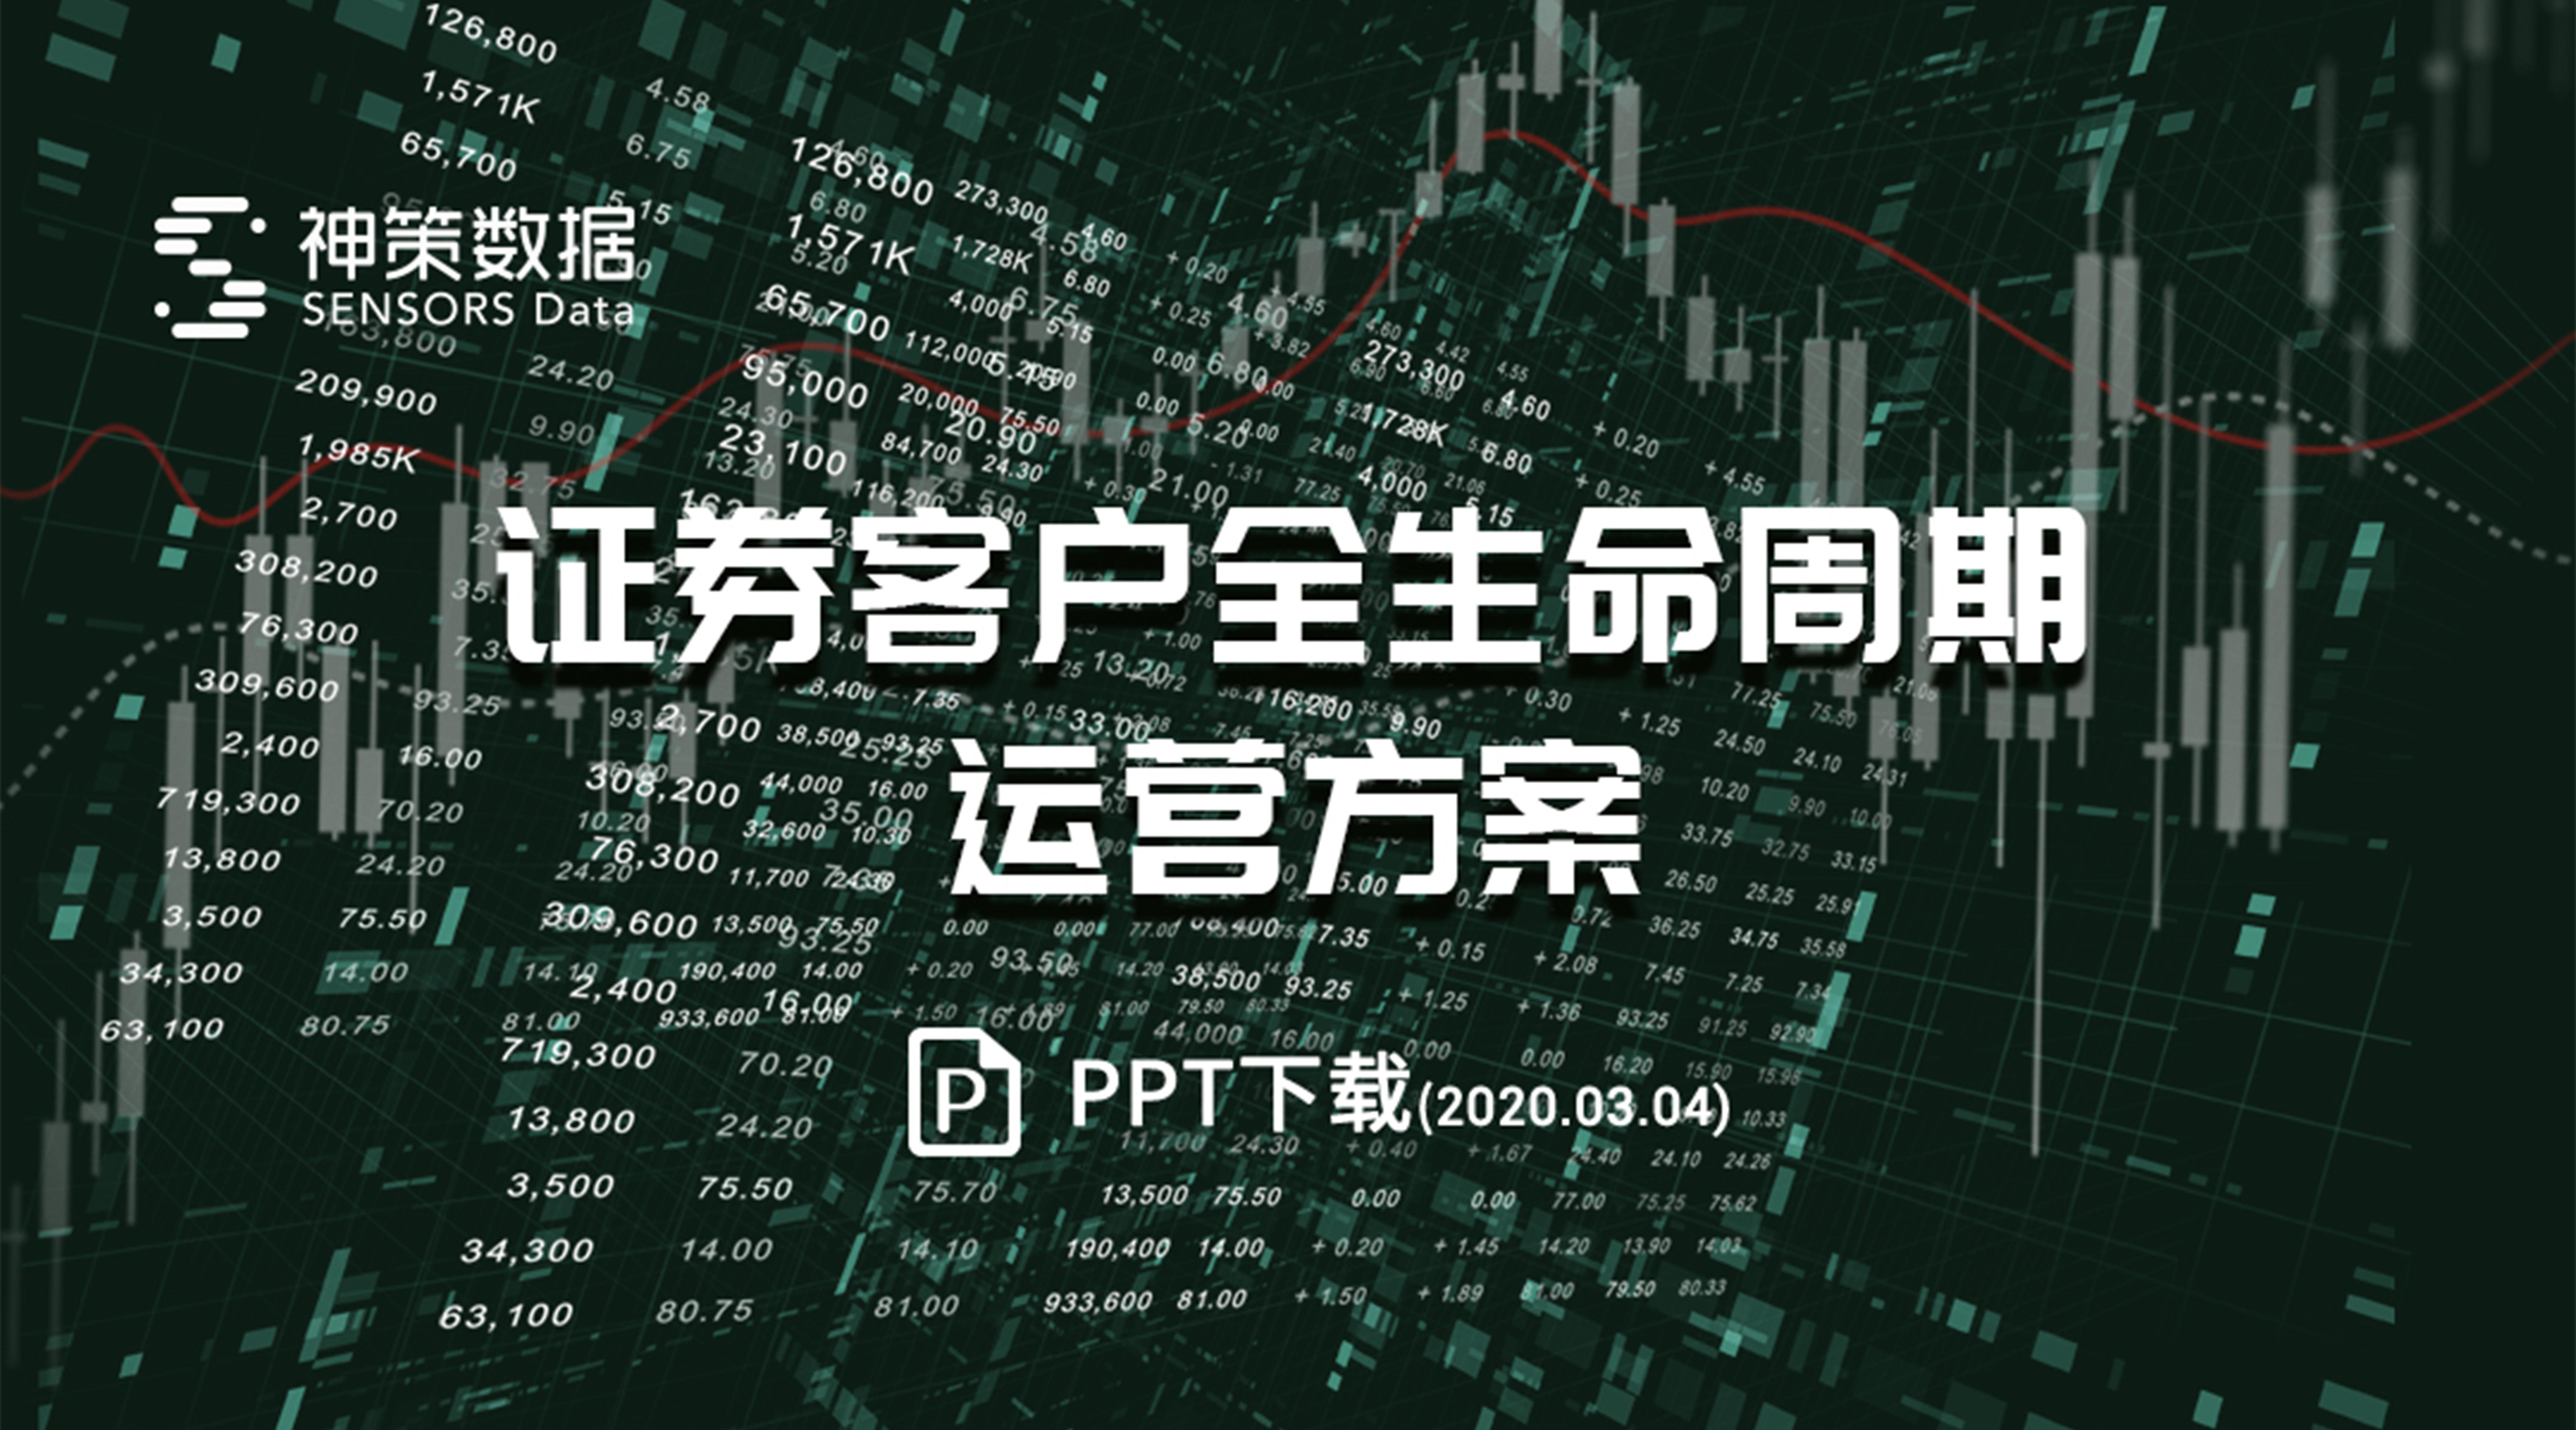 09dbf48cad589b6c52d192060f7db641.pdf